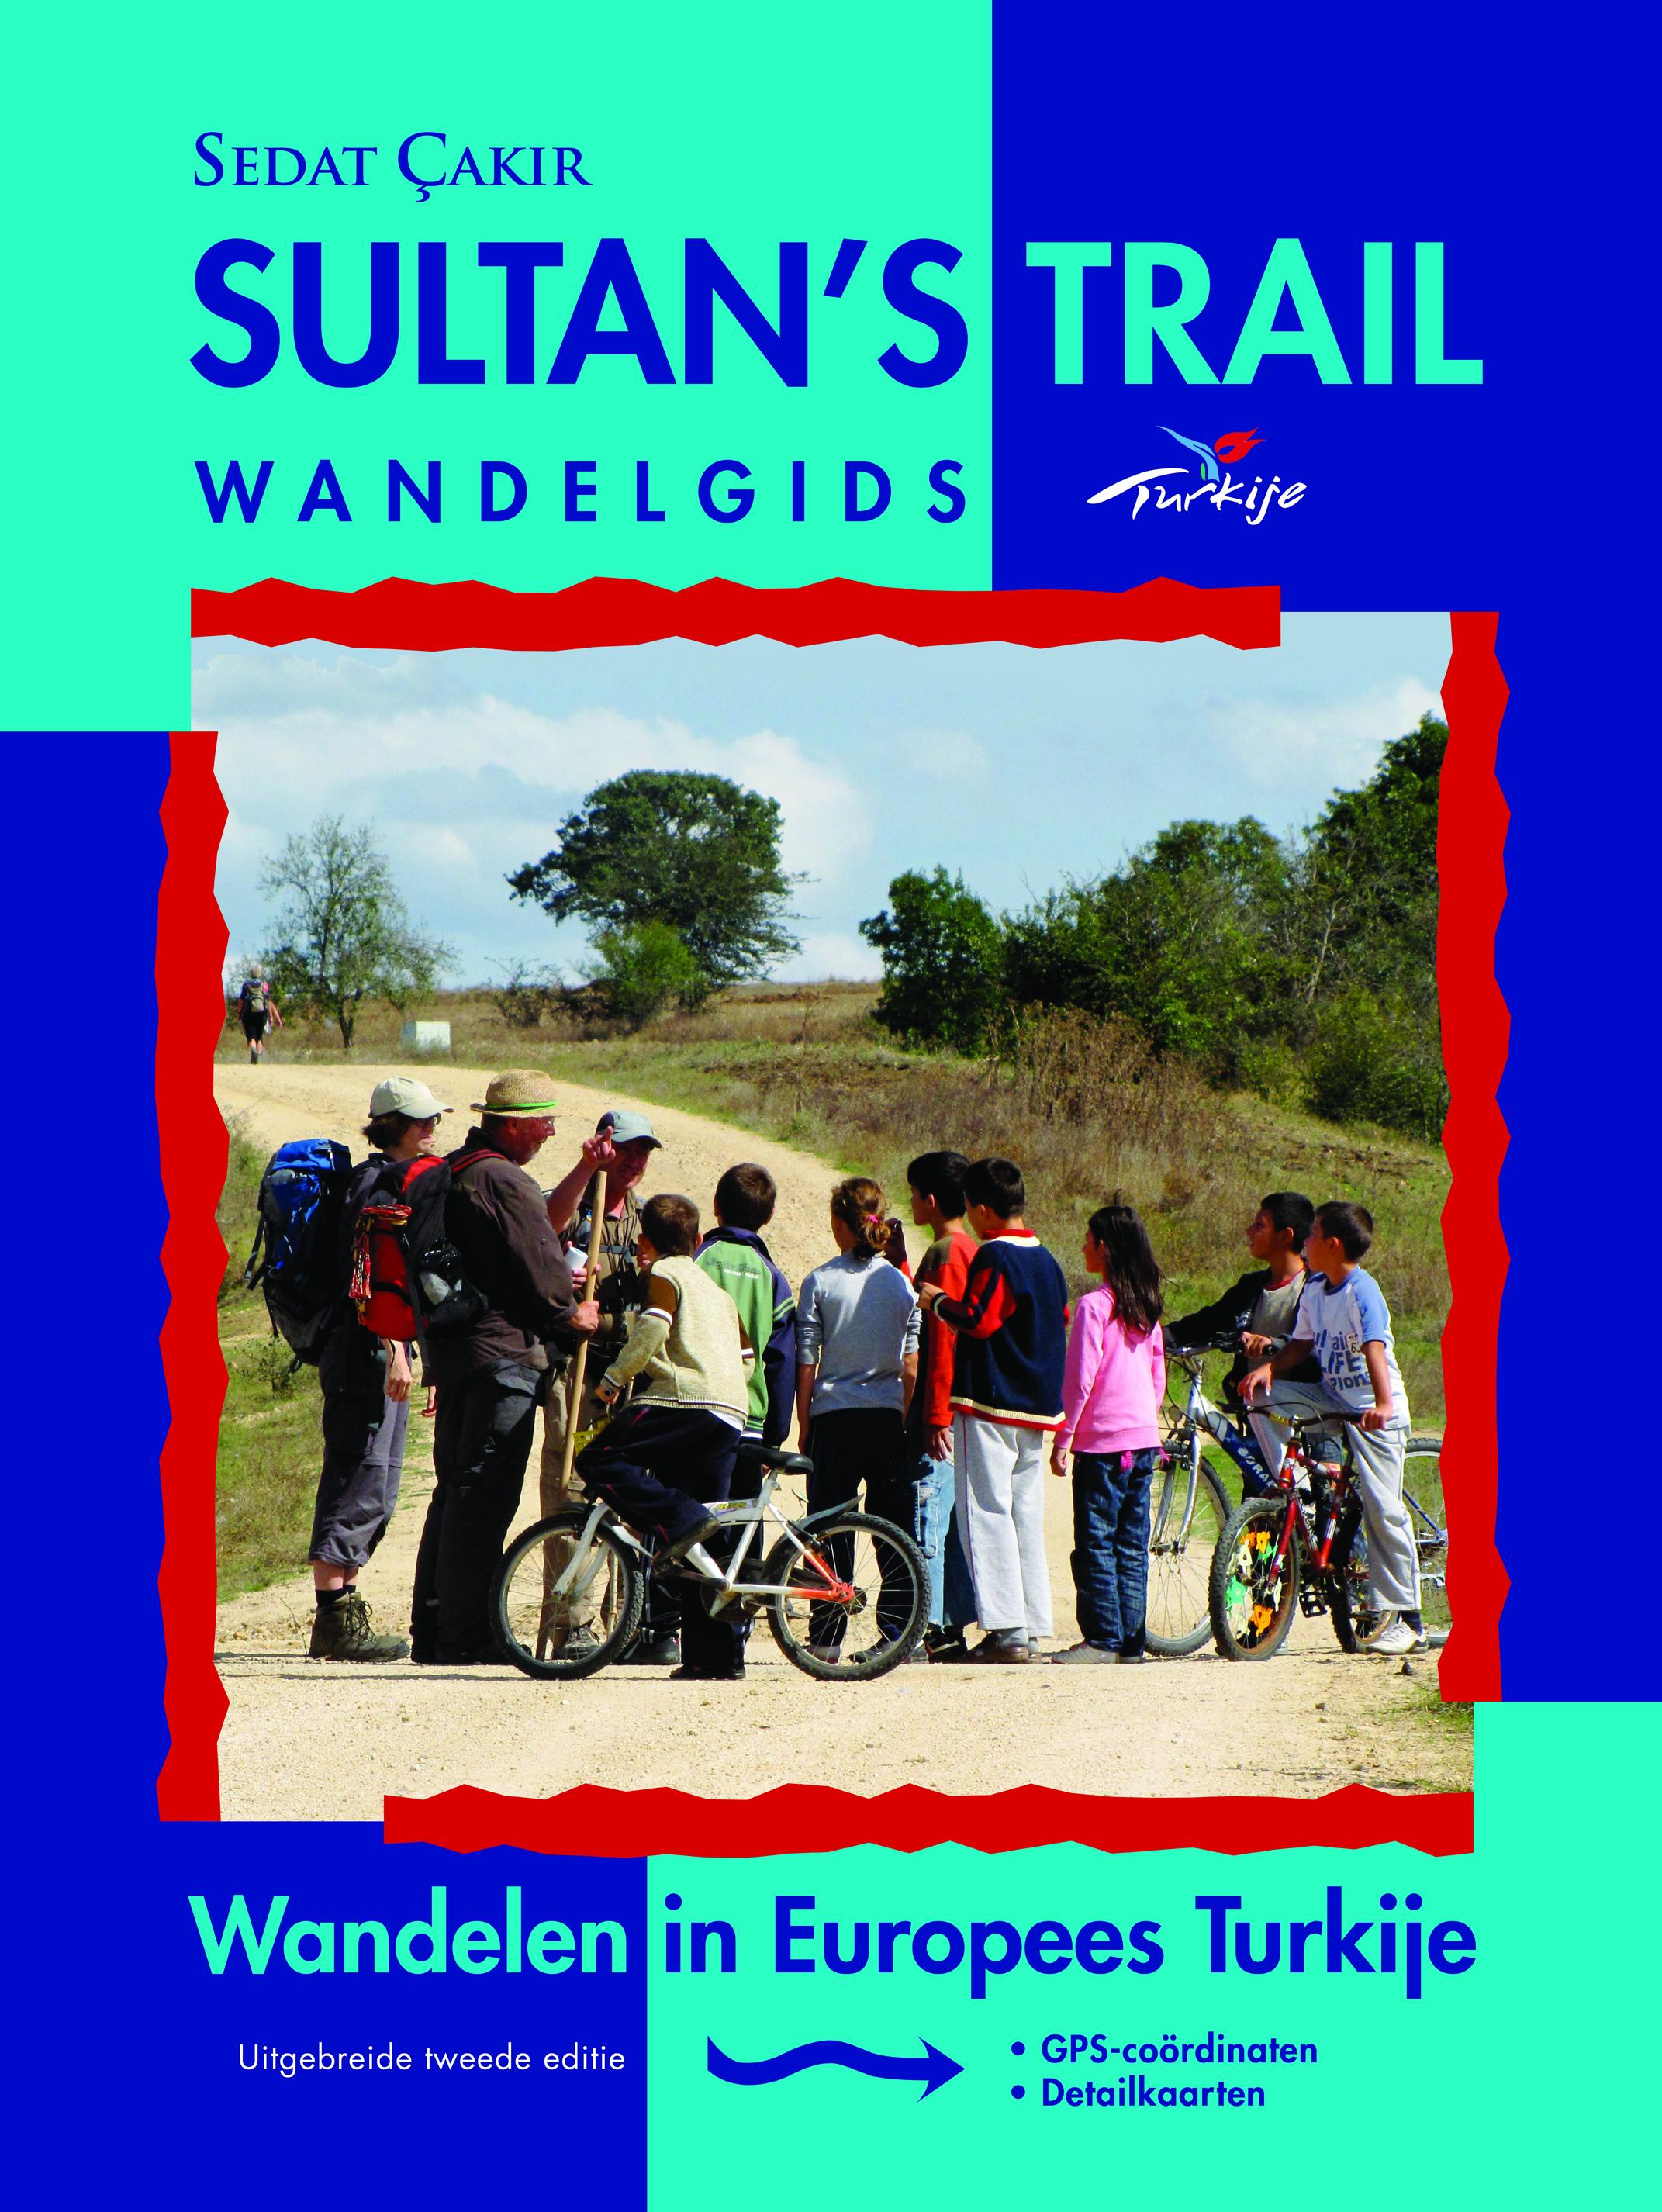 Wandelgids Sultan's Trail - Turkije - Wandelen in Thracië   Sedat   Sedat Cakir